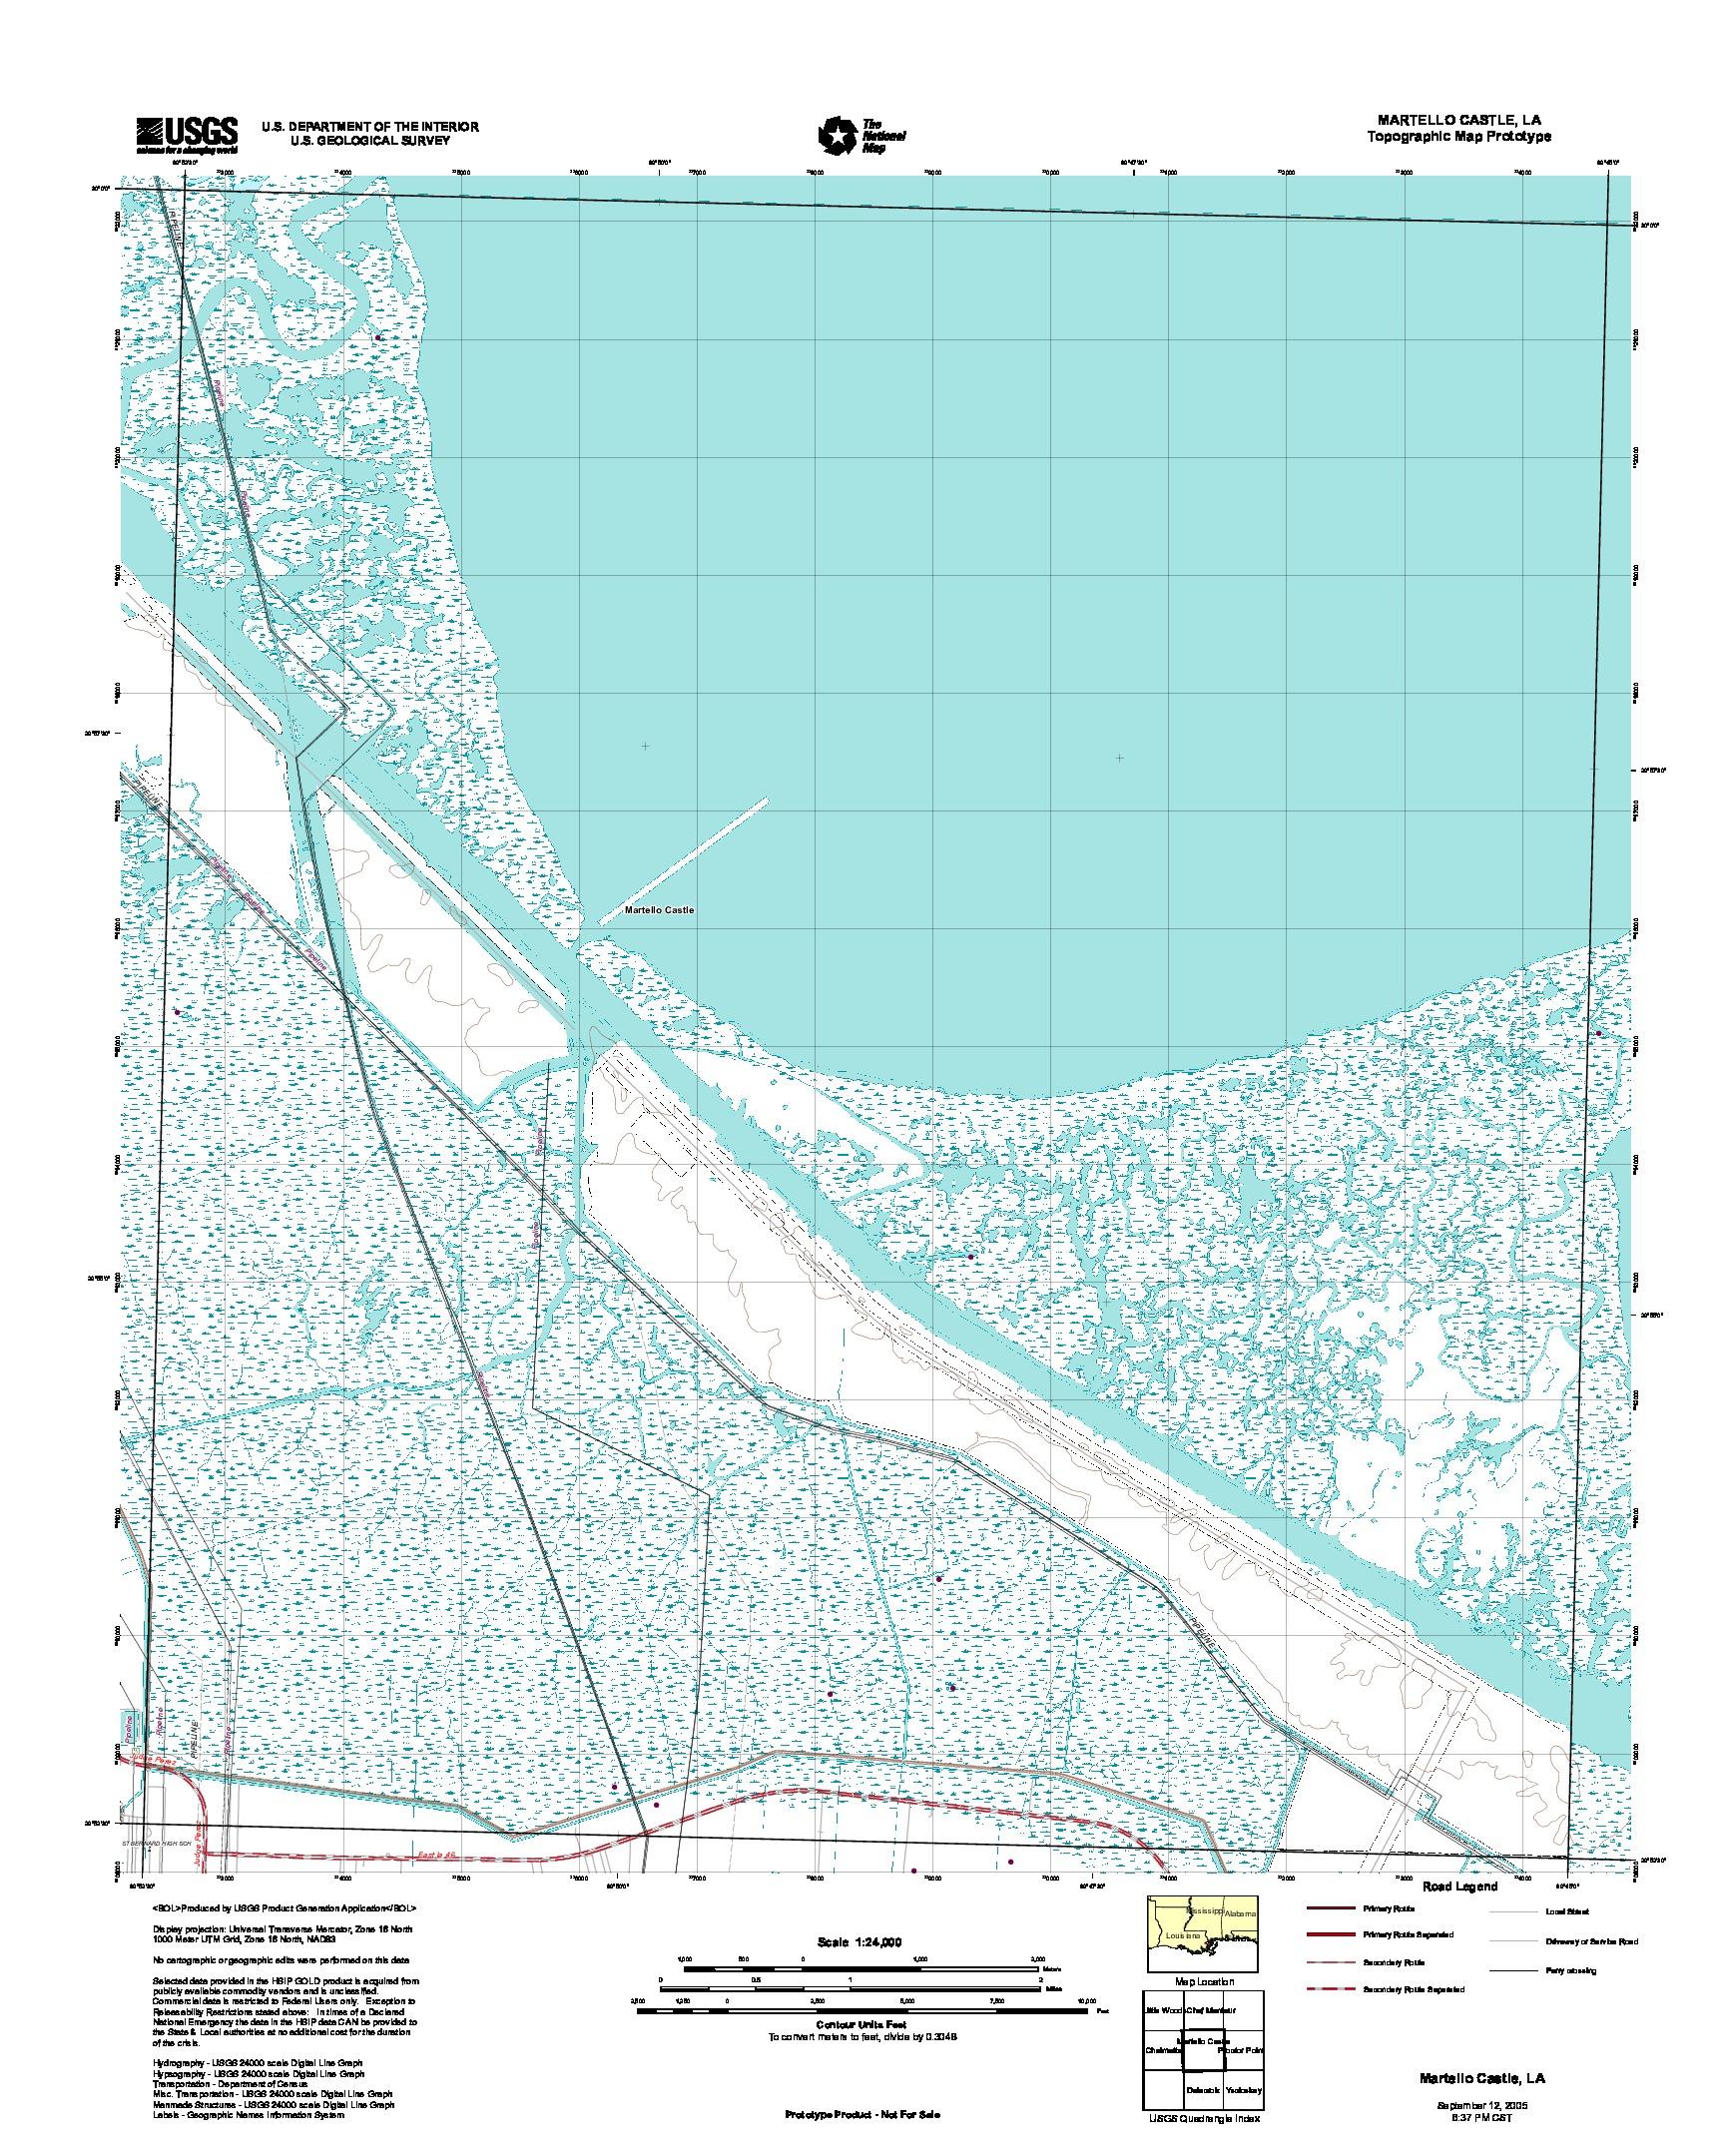 Prototipo de Mapa Topográfico de Martello Castillo, Luisiana, Estados Unidos, Septiembre 12, 2005